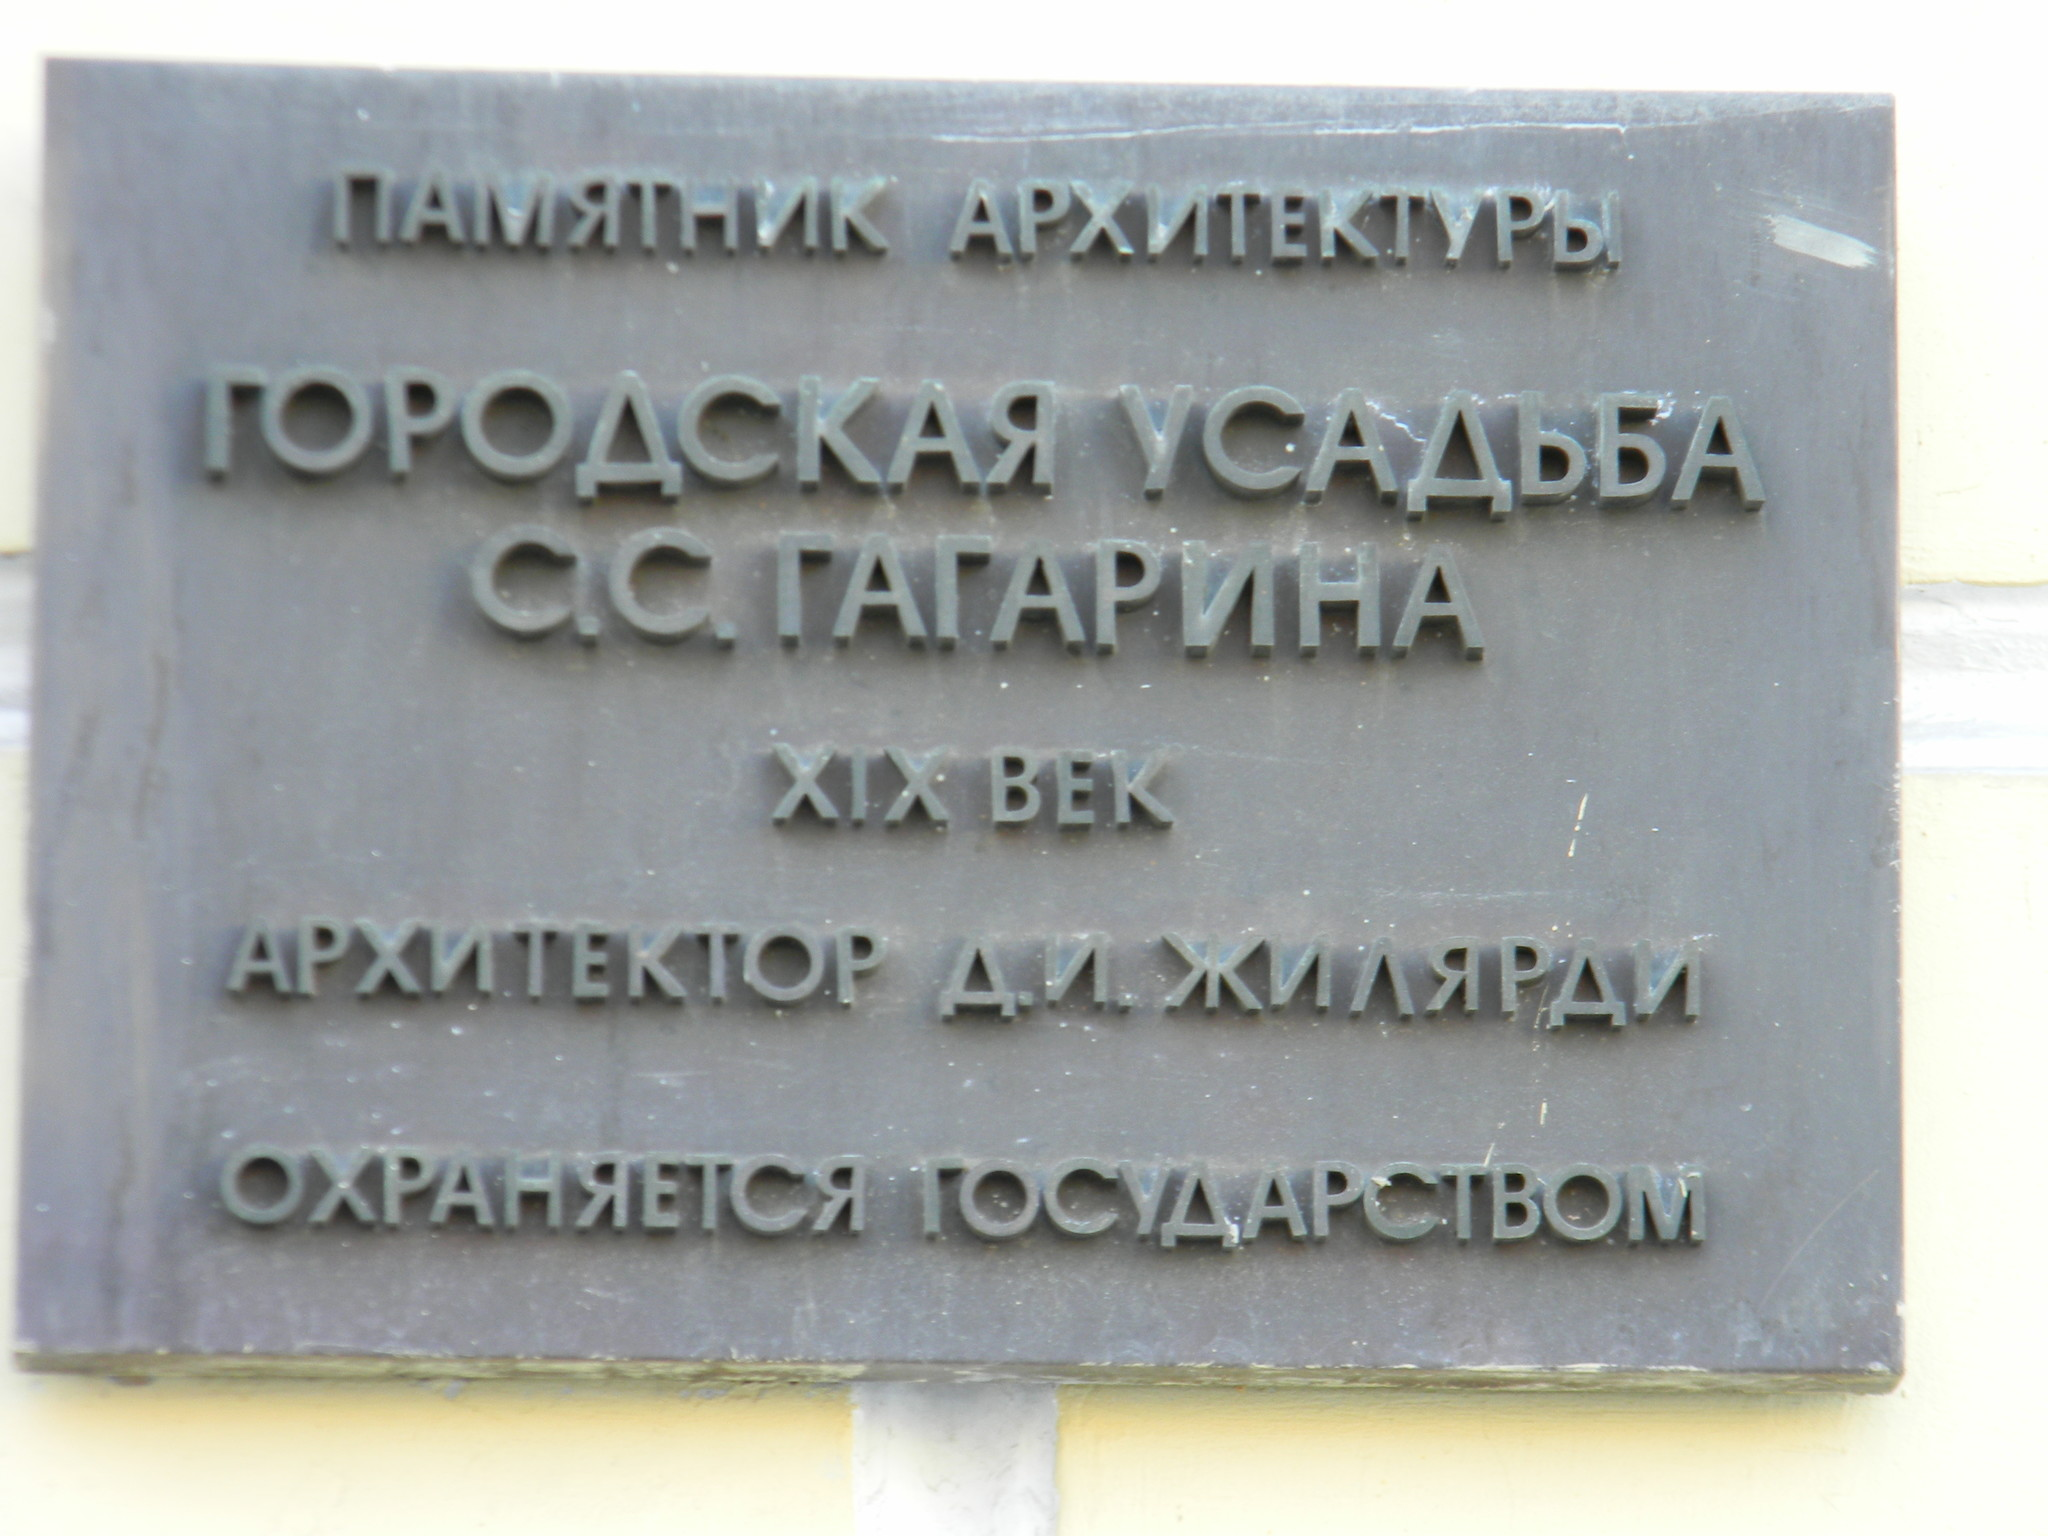 Городская усадьба С.С. Гагарина построена в первой четверти XIX века по проекту Доменико Жилярди (Москва, улица Поварская, дом 25а)